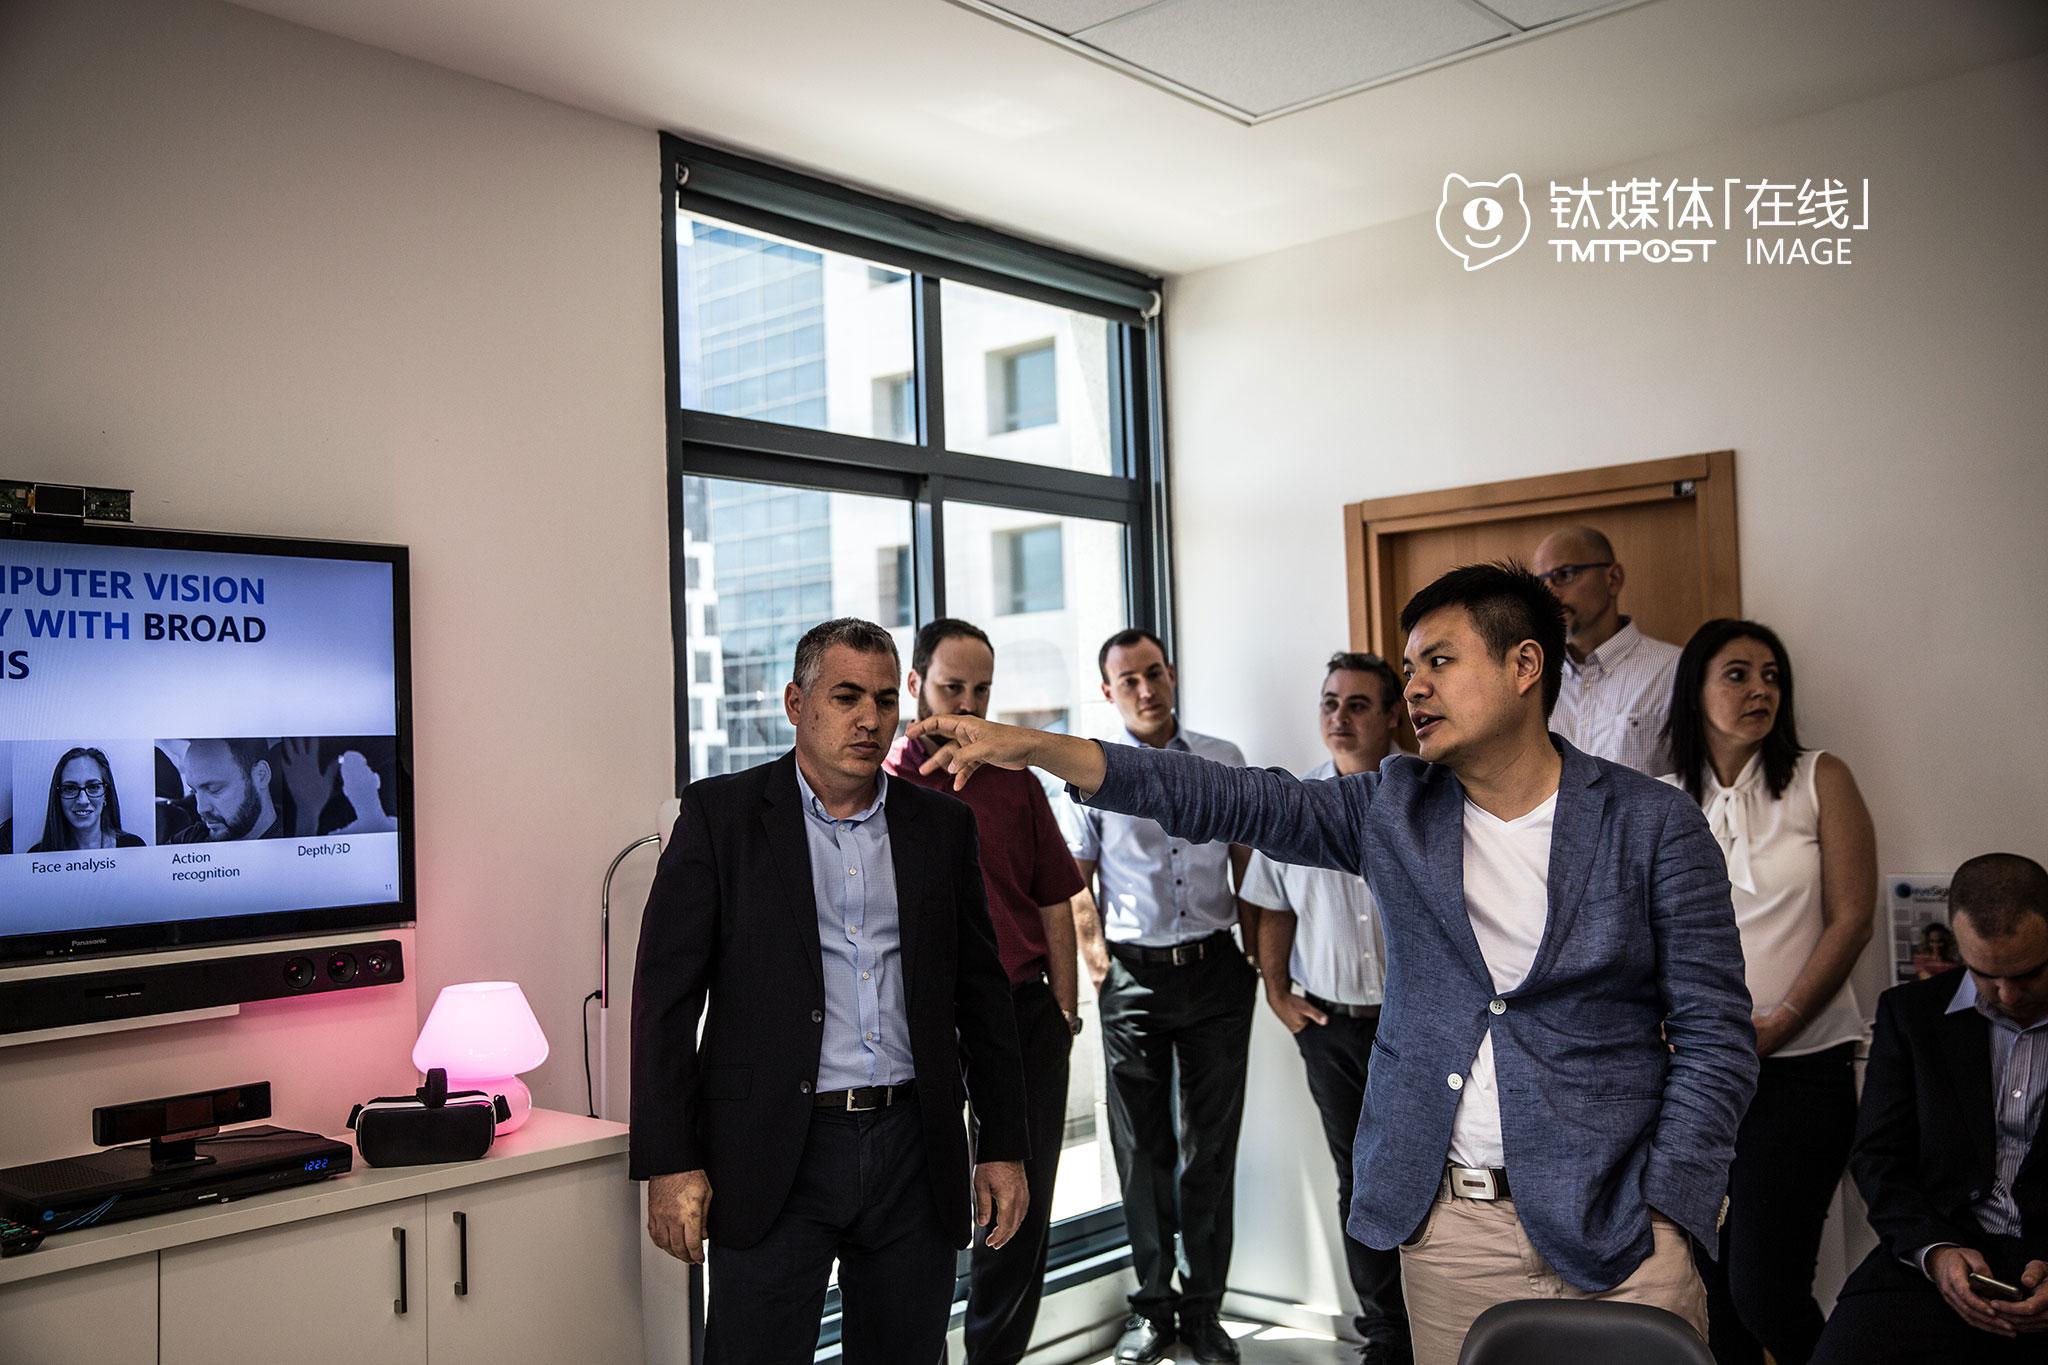 机器视觉科技公司Eyesight办公室内,深圳光启的考察团在等待观看该公司机器视觉识别的展示,该公司的技术,可以使用户通过简单自然的手势,轻松直观地控制各种设备或装置。当天,光启董事会主席刘若鹏宣布向Eyesight投资2000万美元,光启表示,希望将这家公司的嵌入式机器视觉技术引入物联网、机器人和汽车等技术领域。(具体展示,可以看钛媒体影像《在线》25期视频)